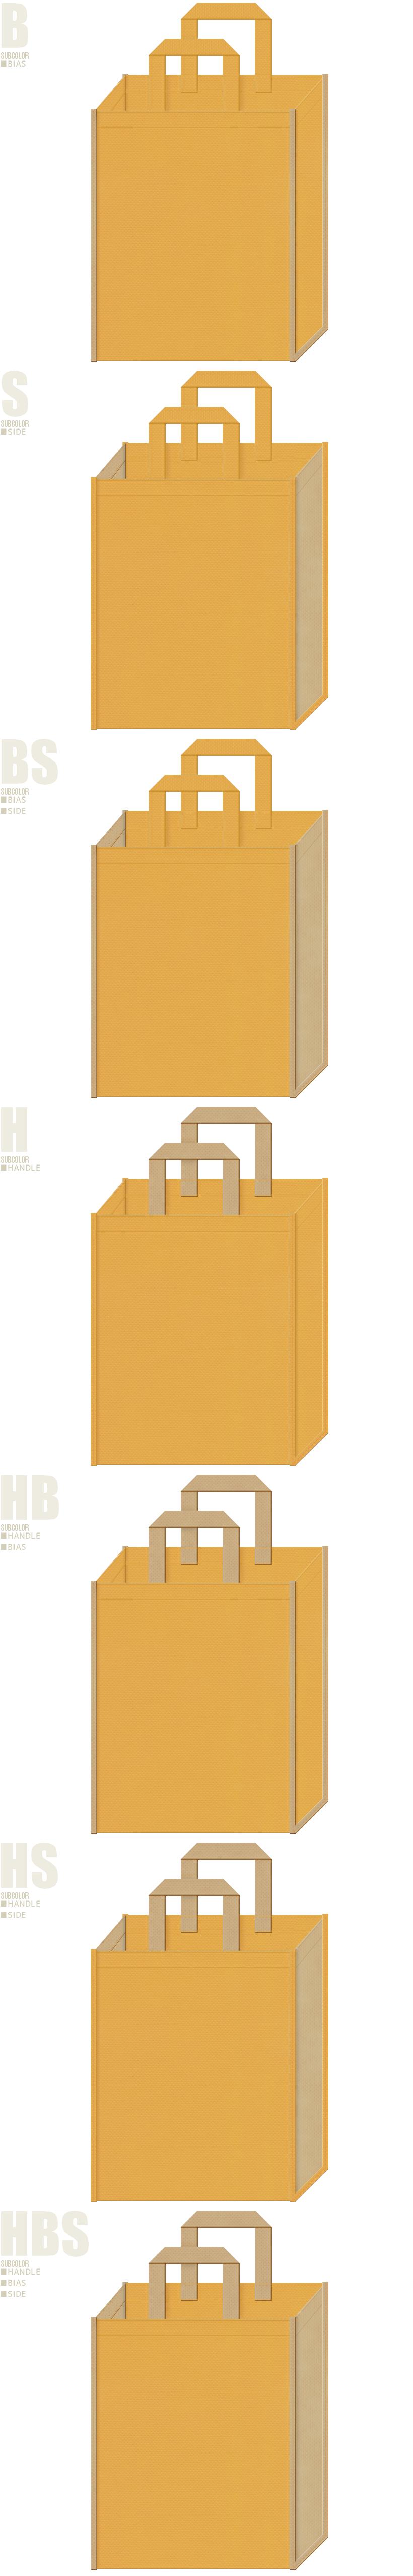 秋冬・毛糸・手芸教室・木工・工作教室・DIYのイベントにお奨めの不織布バッグデザイン:黄土色とカーキ色の配色7パターン